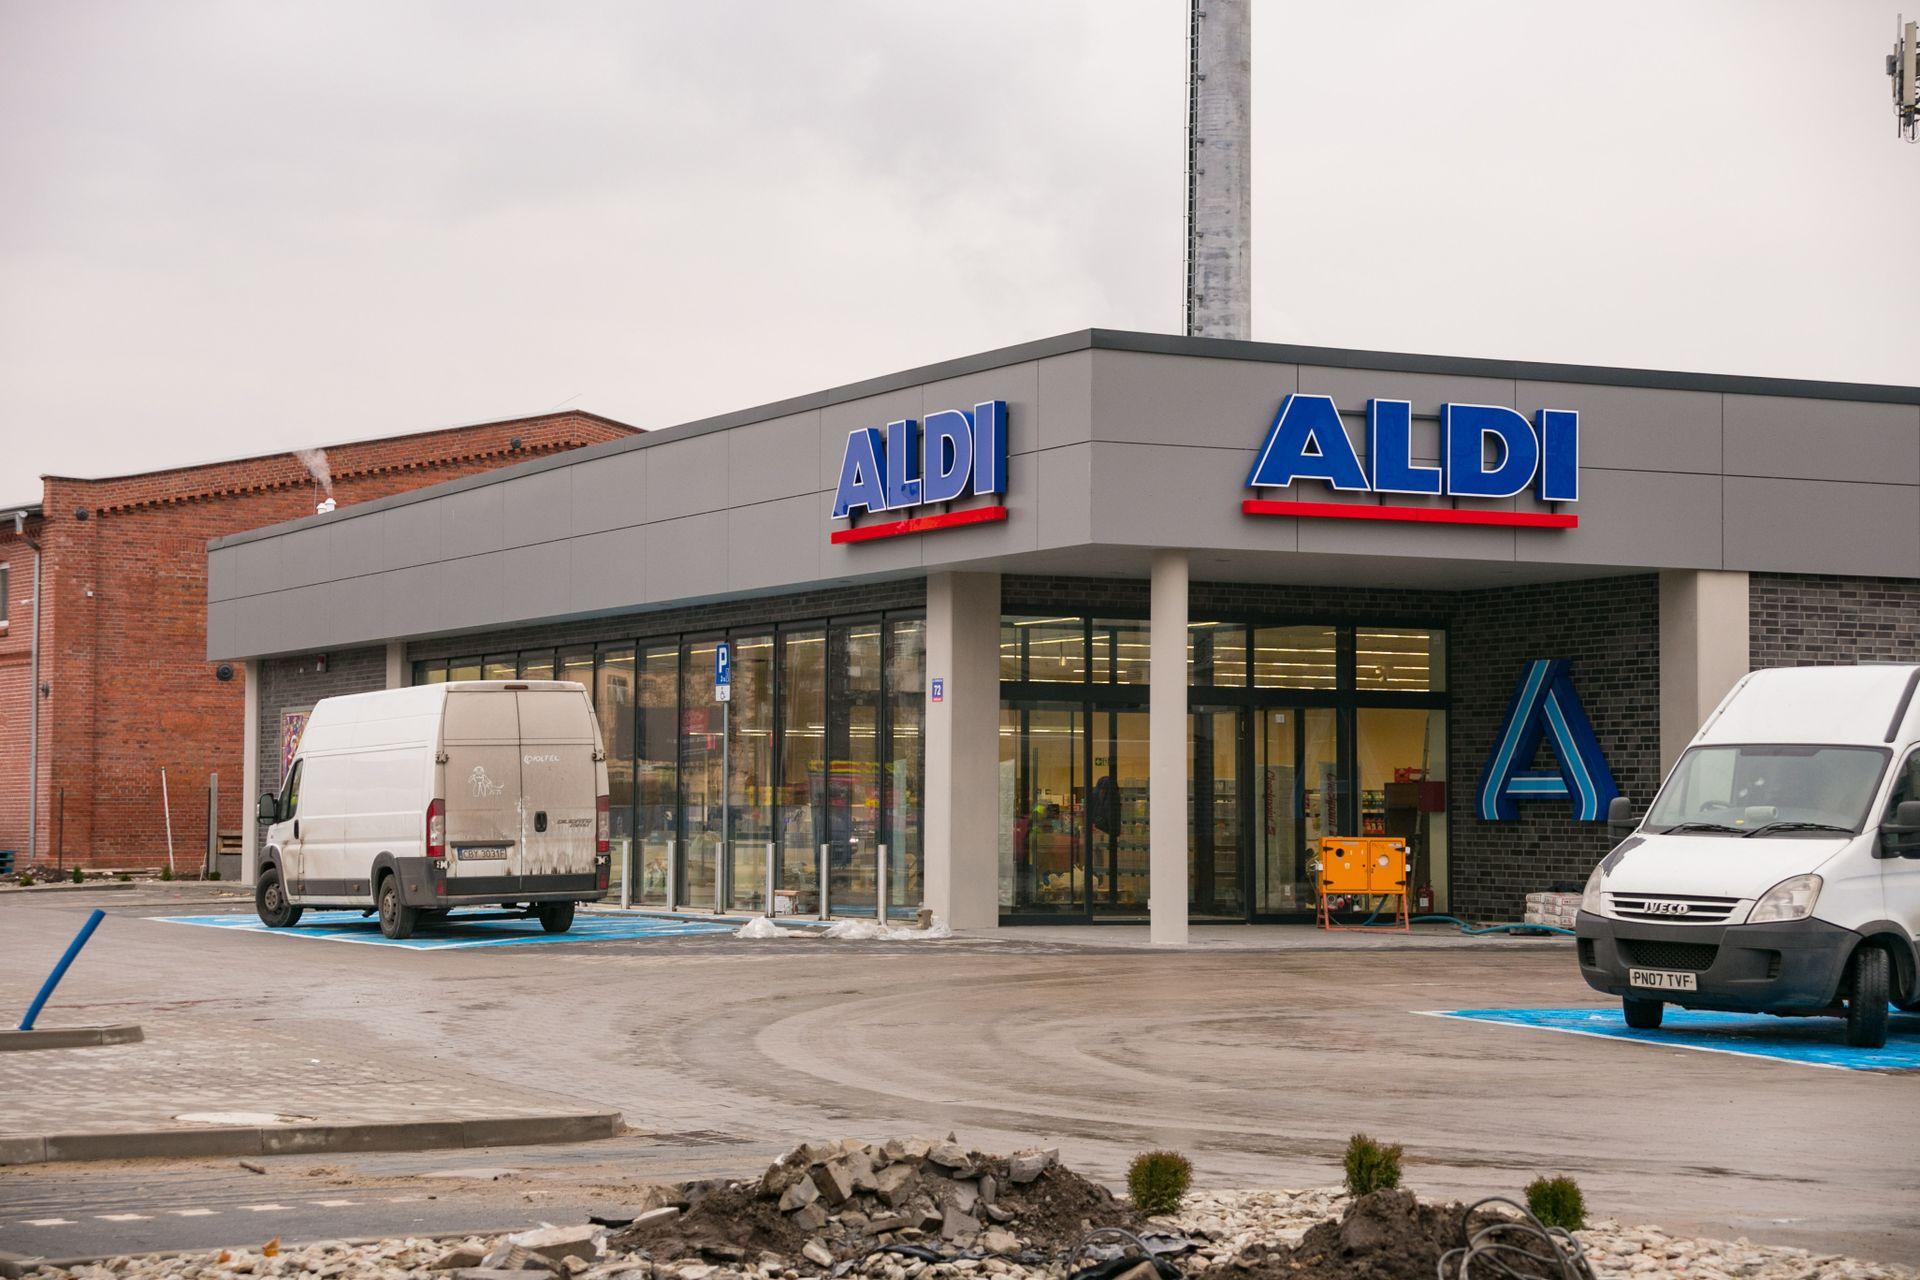 [Wrocław] W przyszłym tygodniu otwarcie nowego sklepu ALDI przy ul. Obornickiej